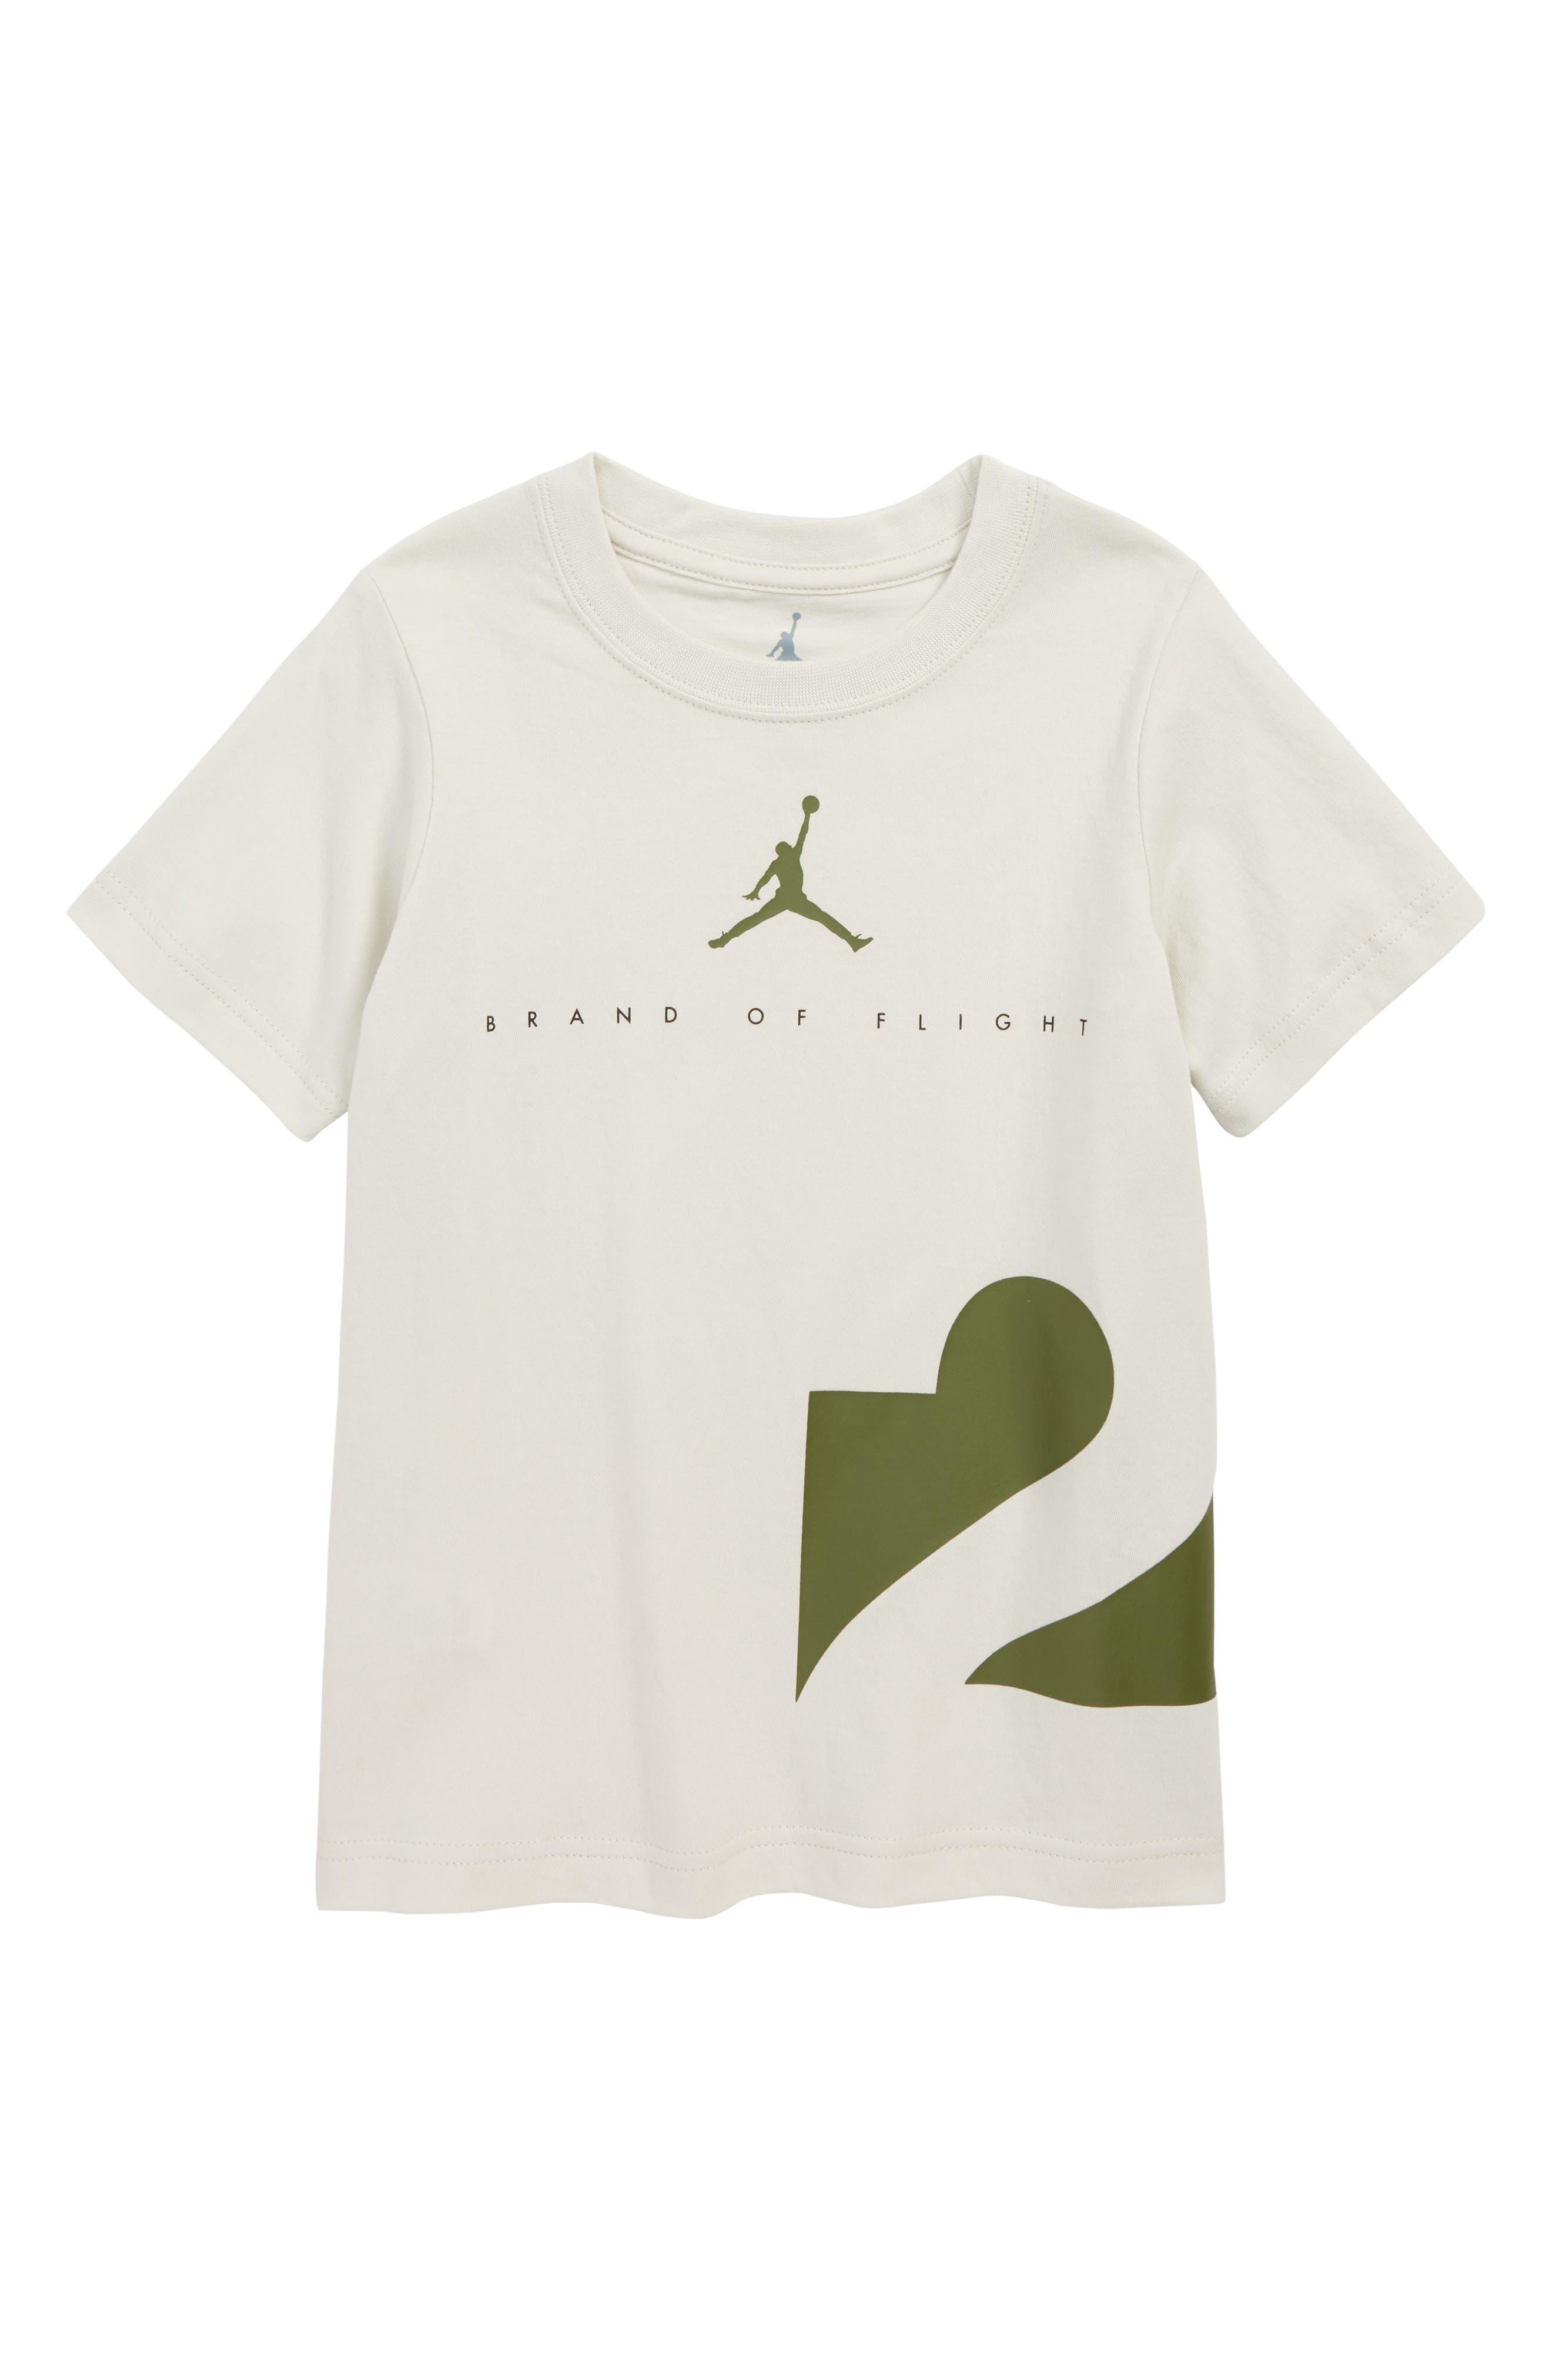 Jordan Two Three T-Shirt,                             Main thumbnail 1, color,                             LIGHT BONE